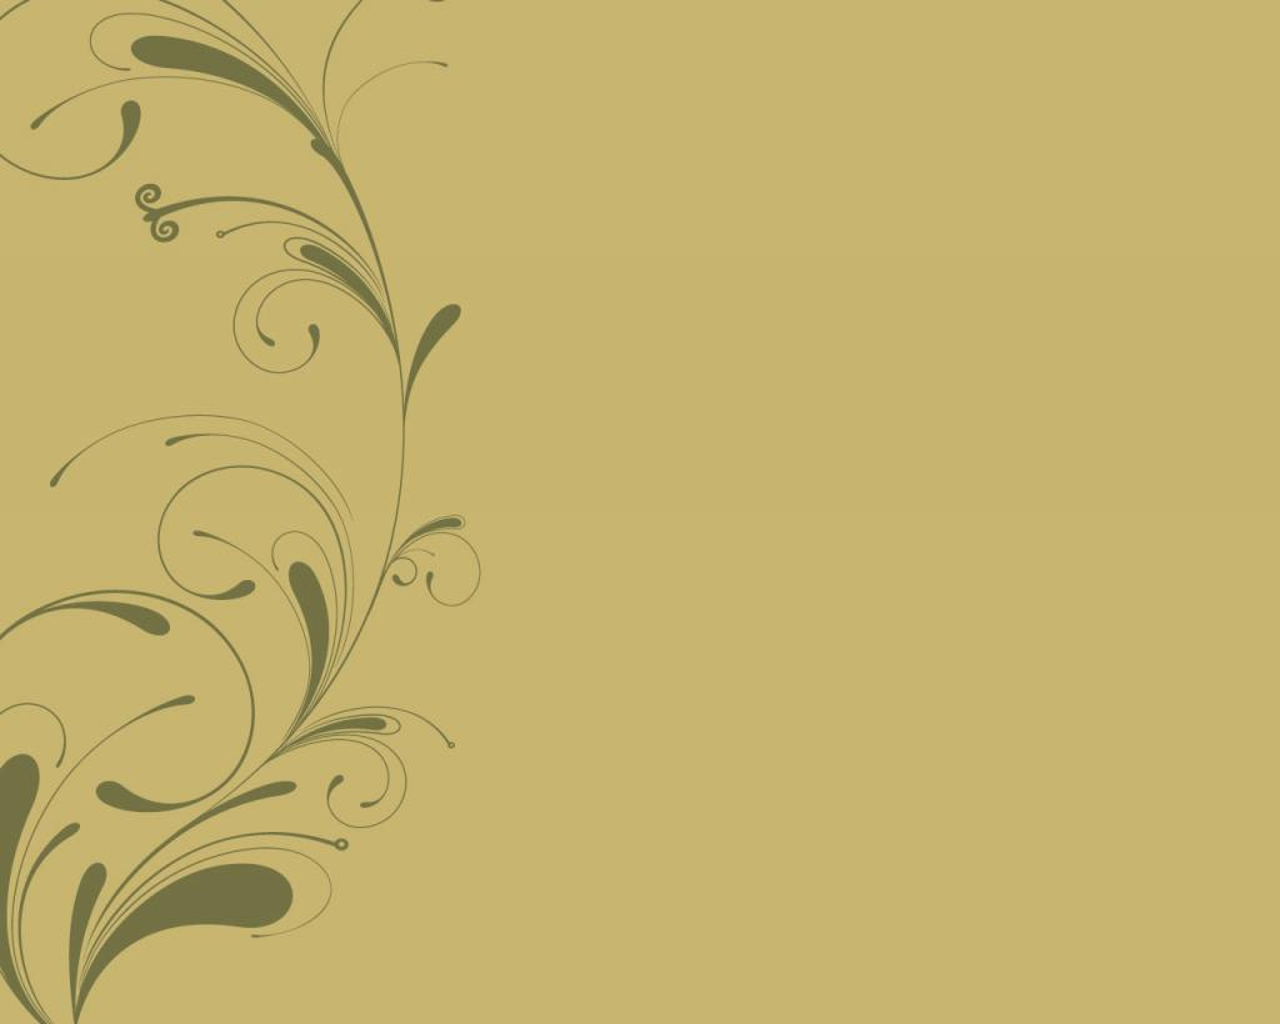 Floral Design PPT Backgrounds